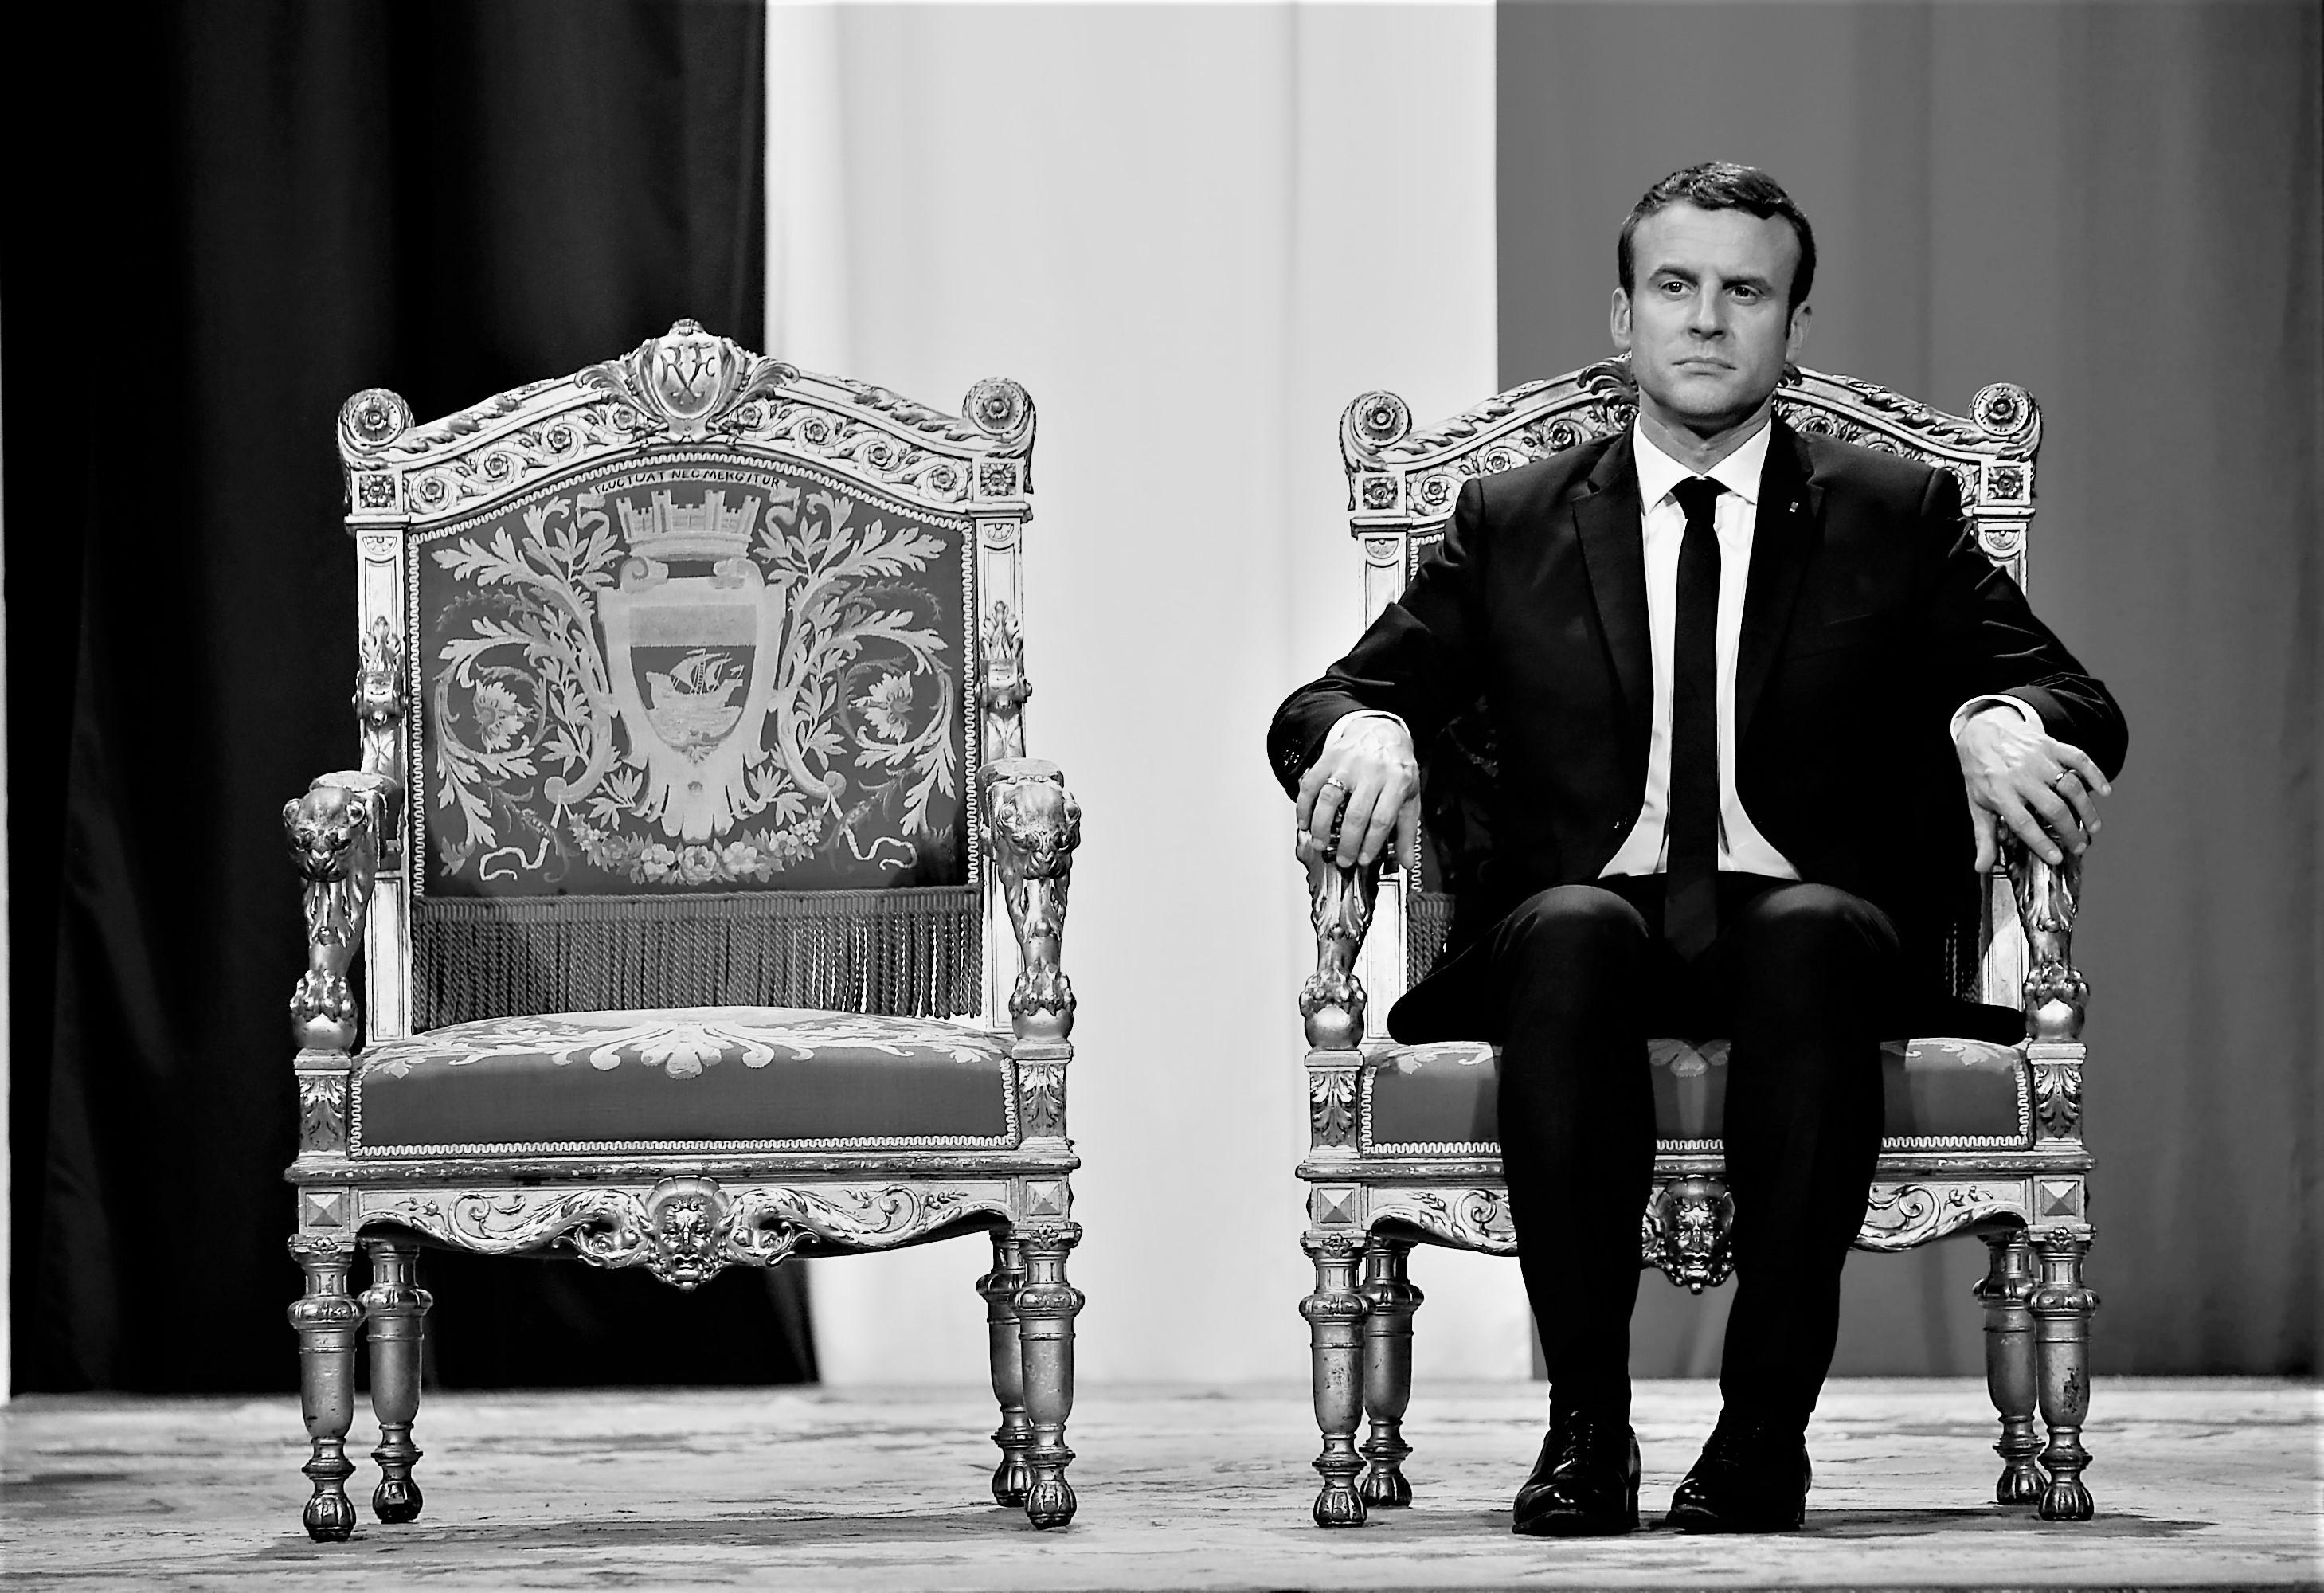 Los pecados de Macron: La caída en picada de su popularidad y la crisis política en Francia